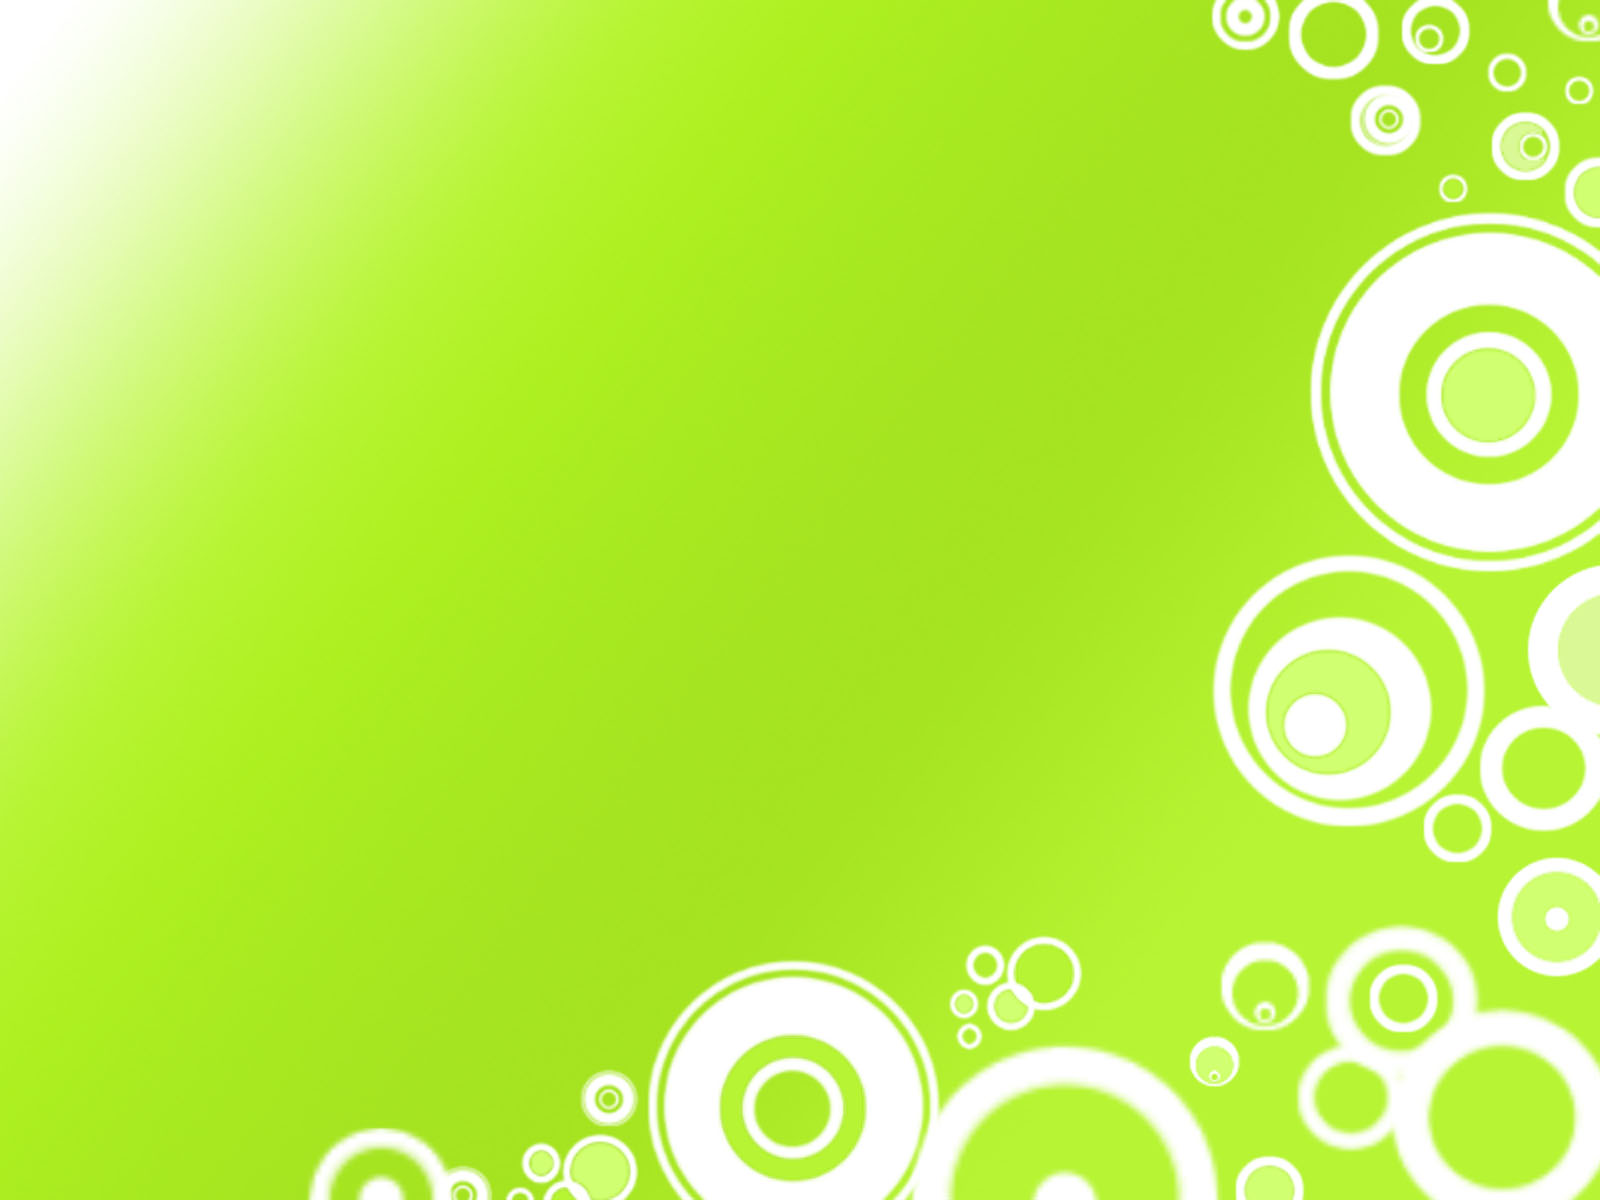 green wallpaper 17315